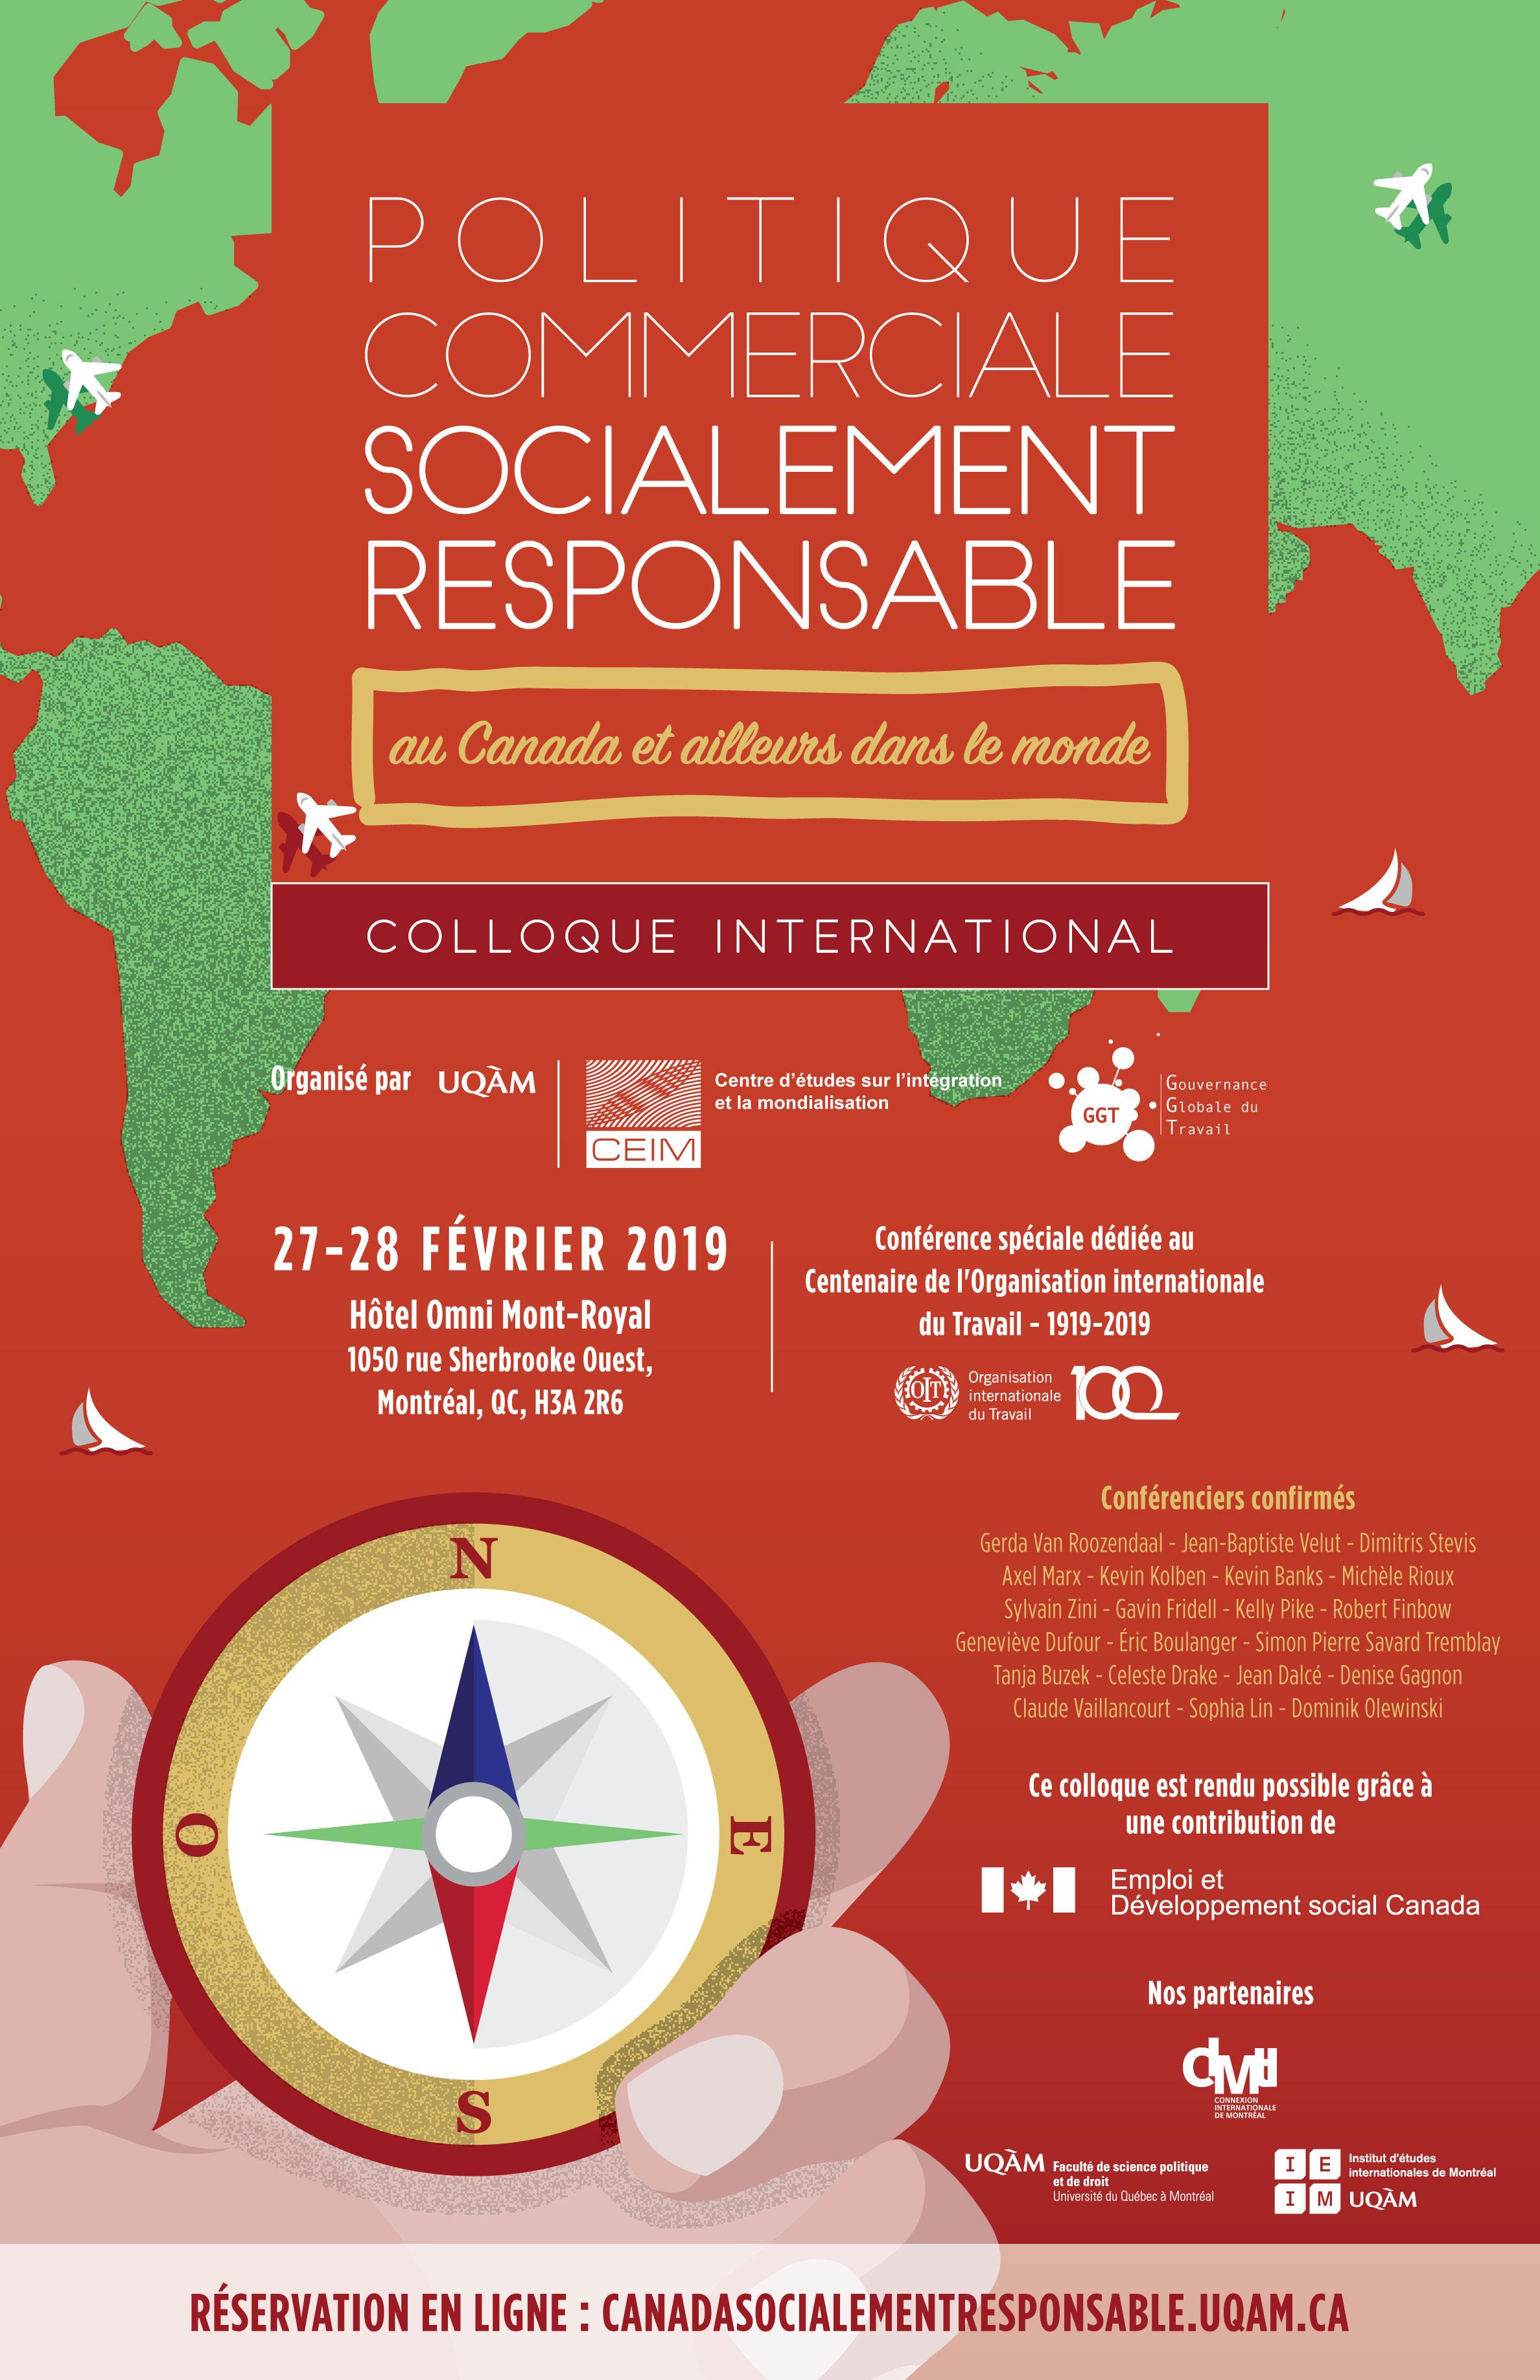 Politique commerciale socialement responsable - au Canada et ailleurs dans le monde